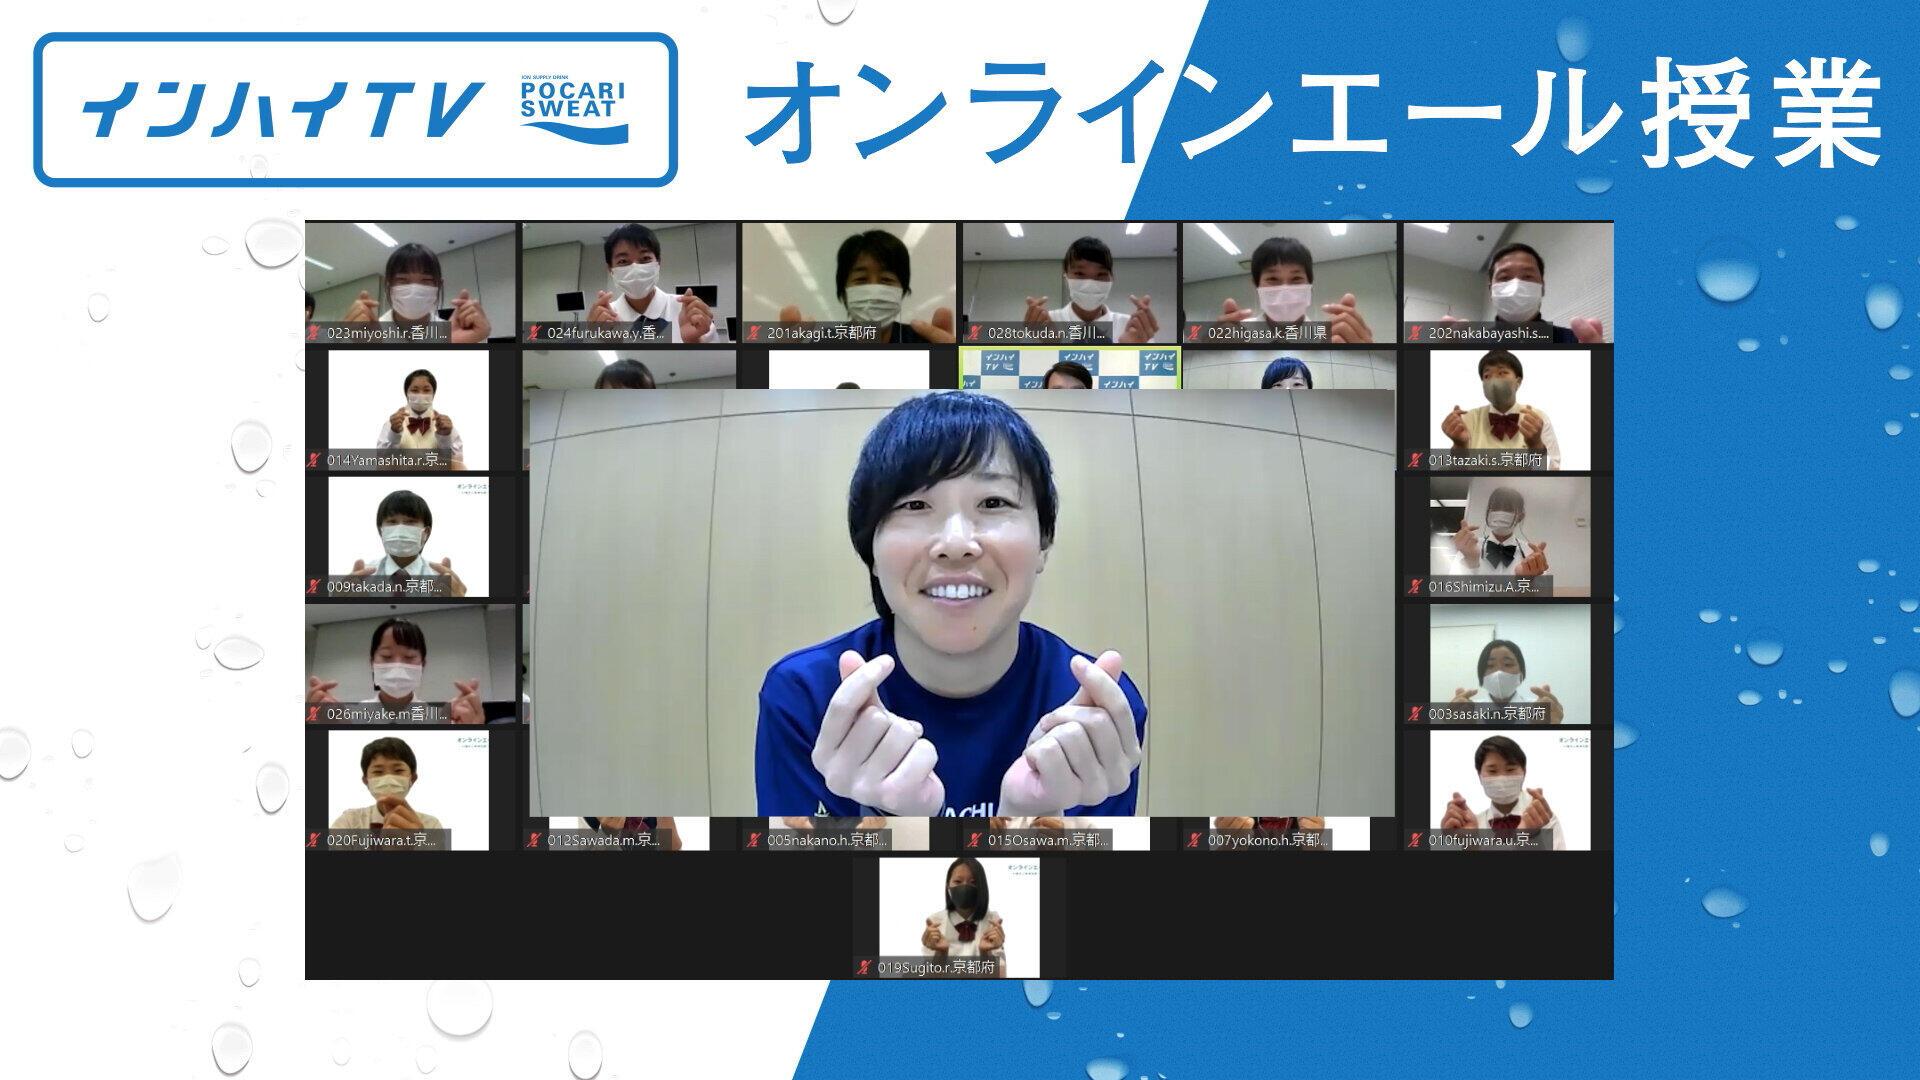 ソフトボール日本代表・山田恵里「先生」 「金メダリスト授業」で高校生にエール